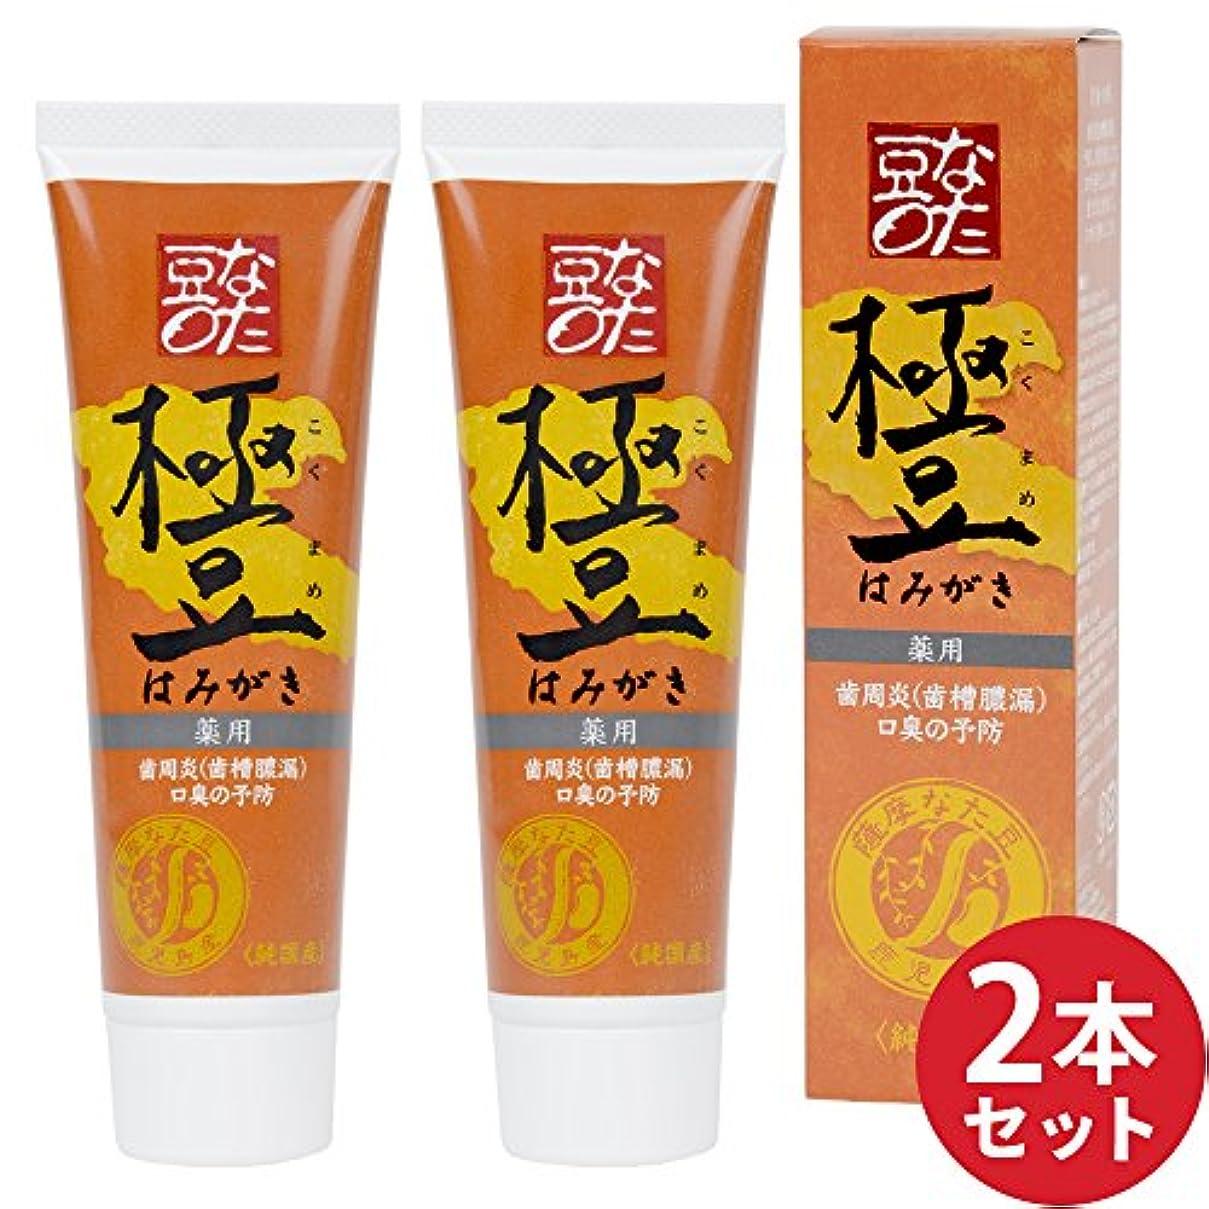 水っぽい噴火削減2本セット【薬用】薩摩なた豆歯磨き(内容量:110g×2)